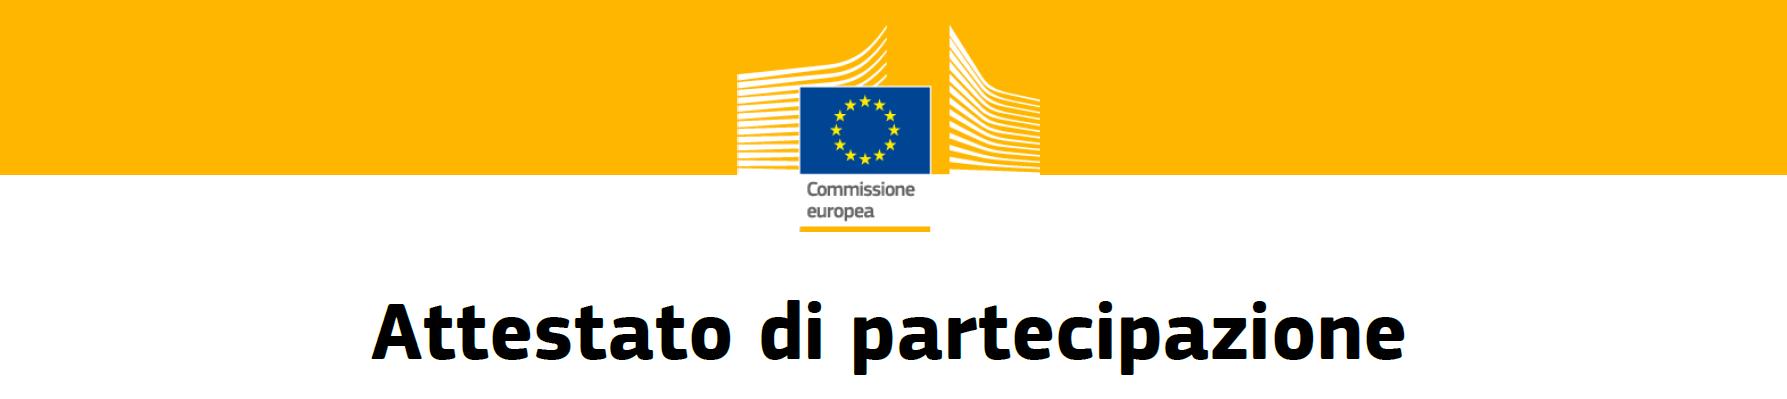 Juvenes Translatores: un concorso per premiare i migliori giovani traduttori dell'Unione europea.